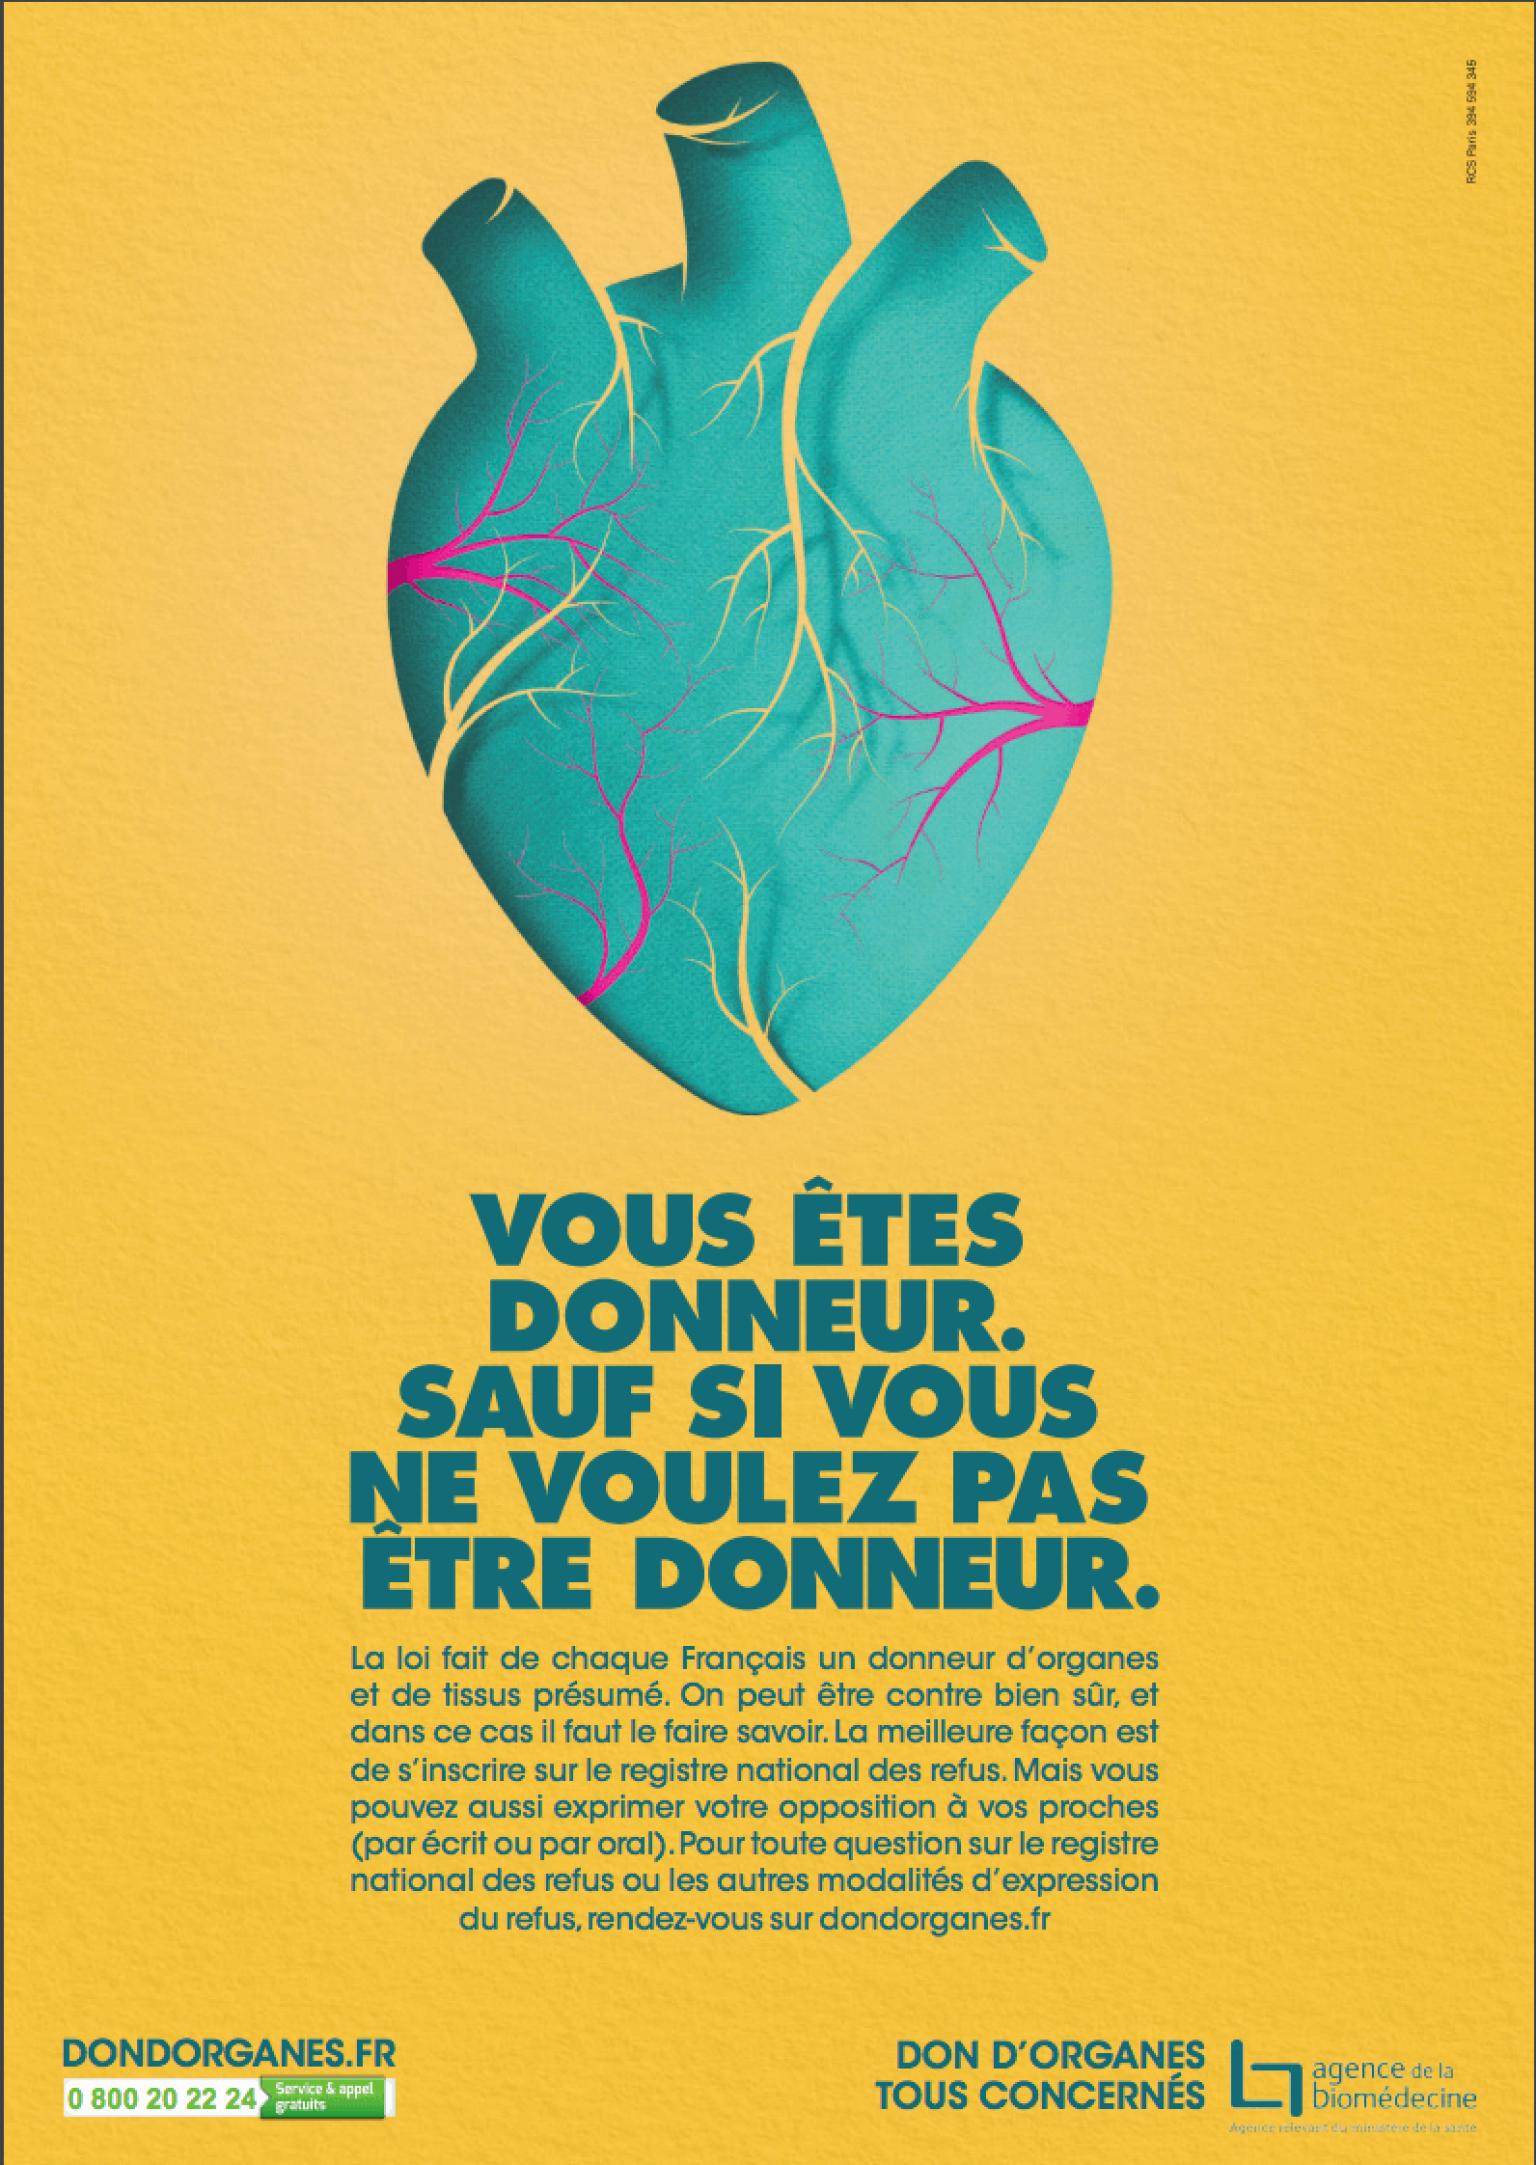 Don d'organes : du 1er janvier 2017 on est tous présumés donneurs